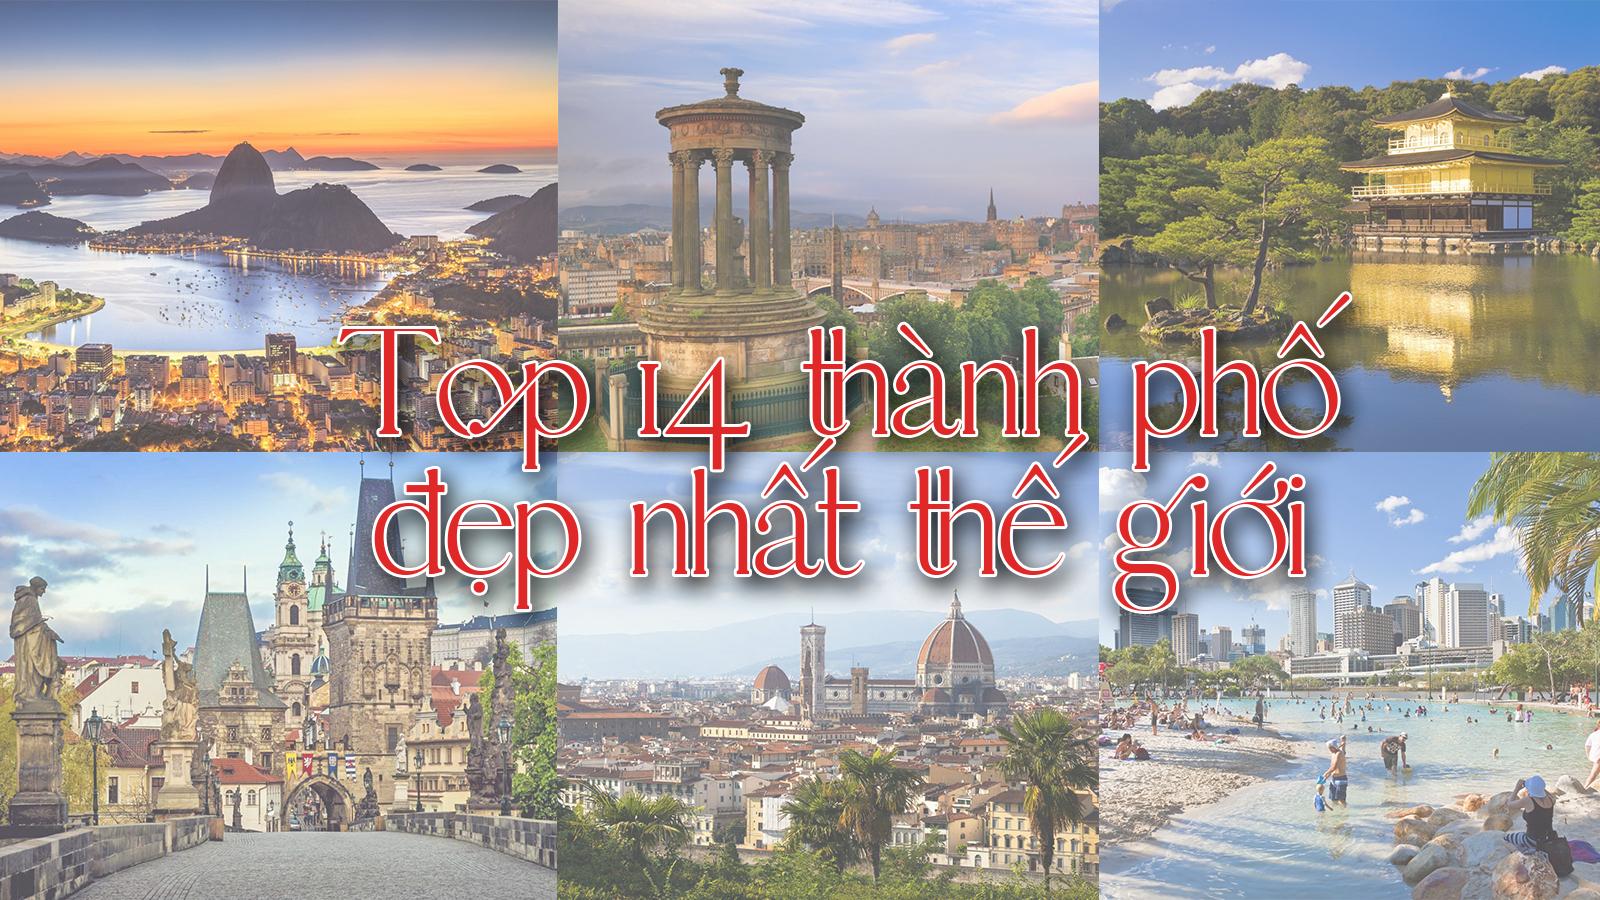 Top 14 thành phố đẹp nhất thế giới khiến mọi du khách mê mẩn - 1